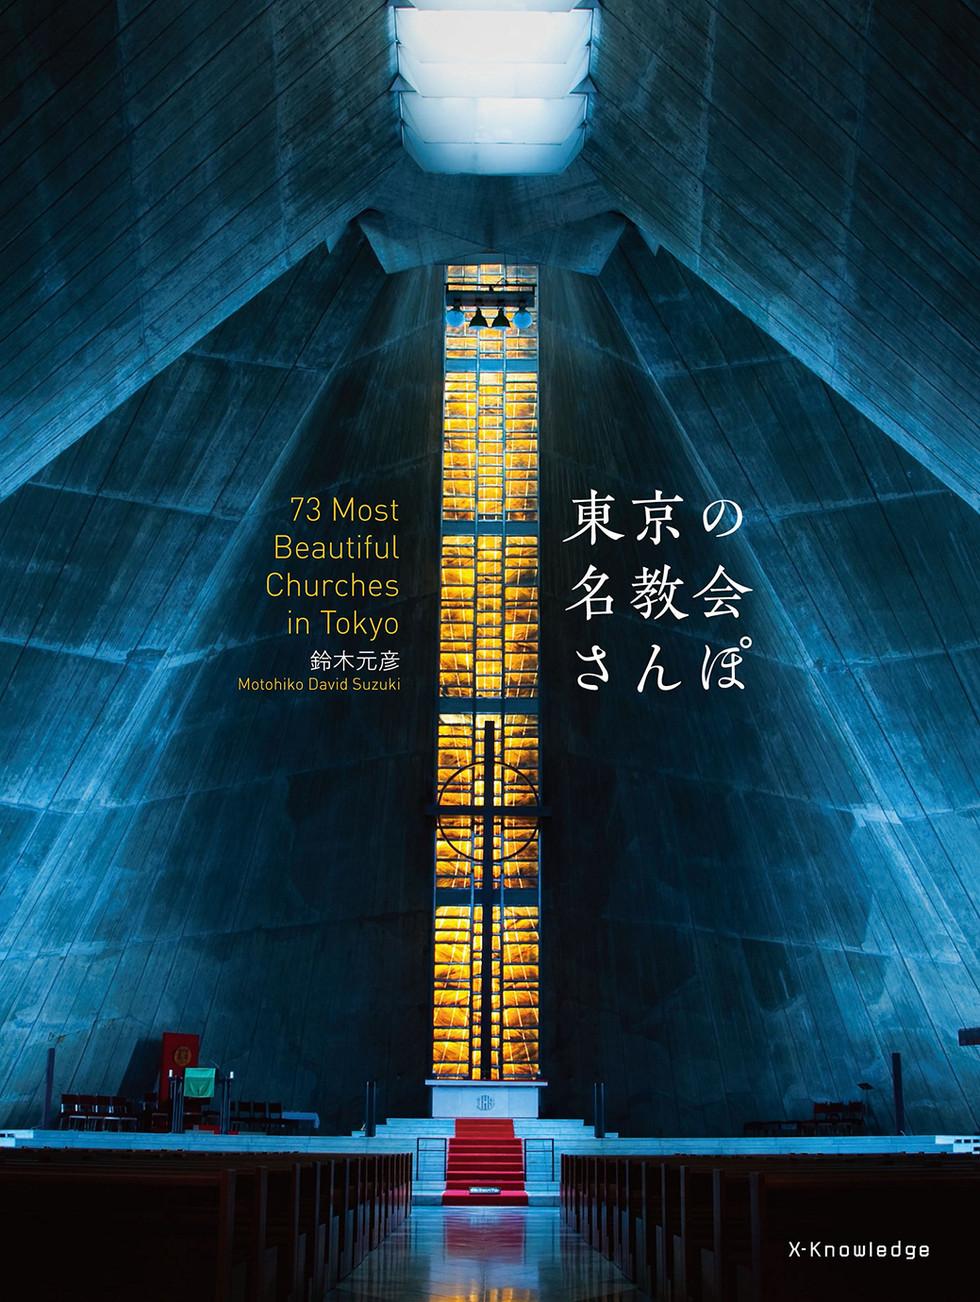 著書『東京の名教会さんぽ』(エクスナレッジ)がもうすぐ出版されます(^o^)